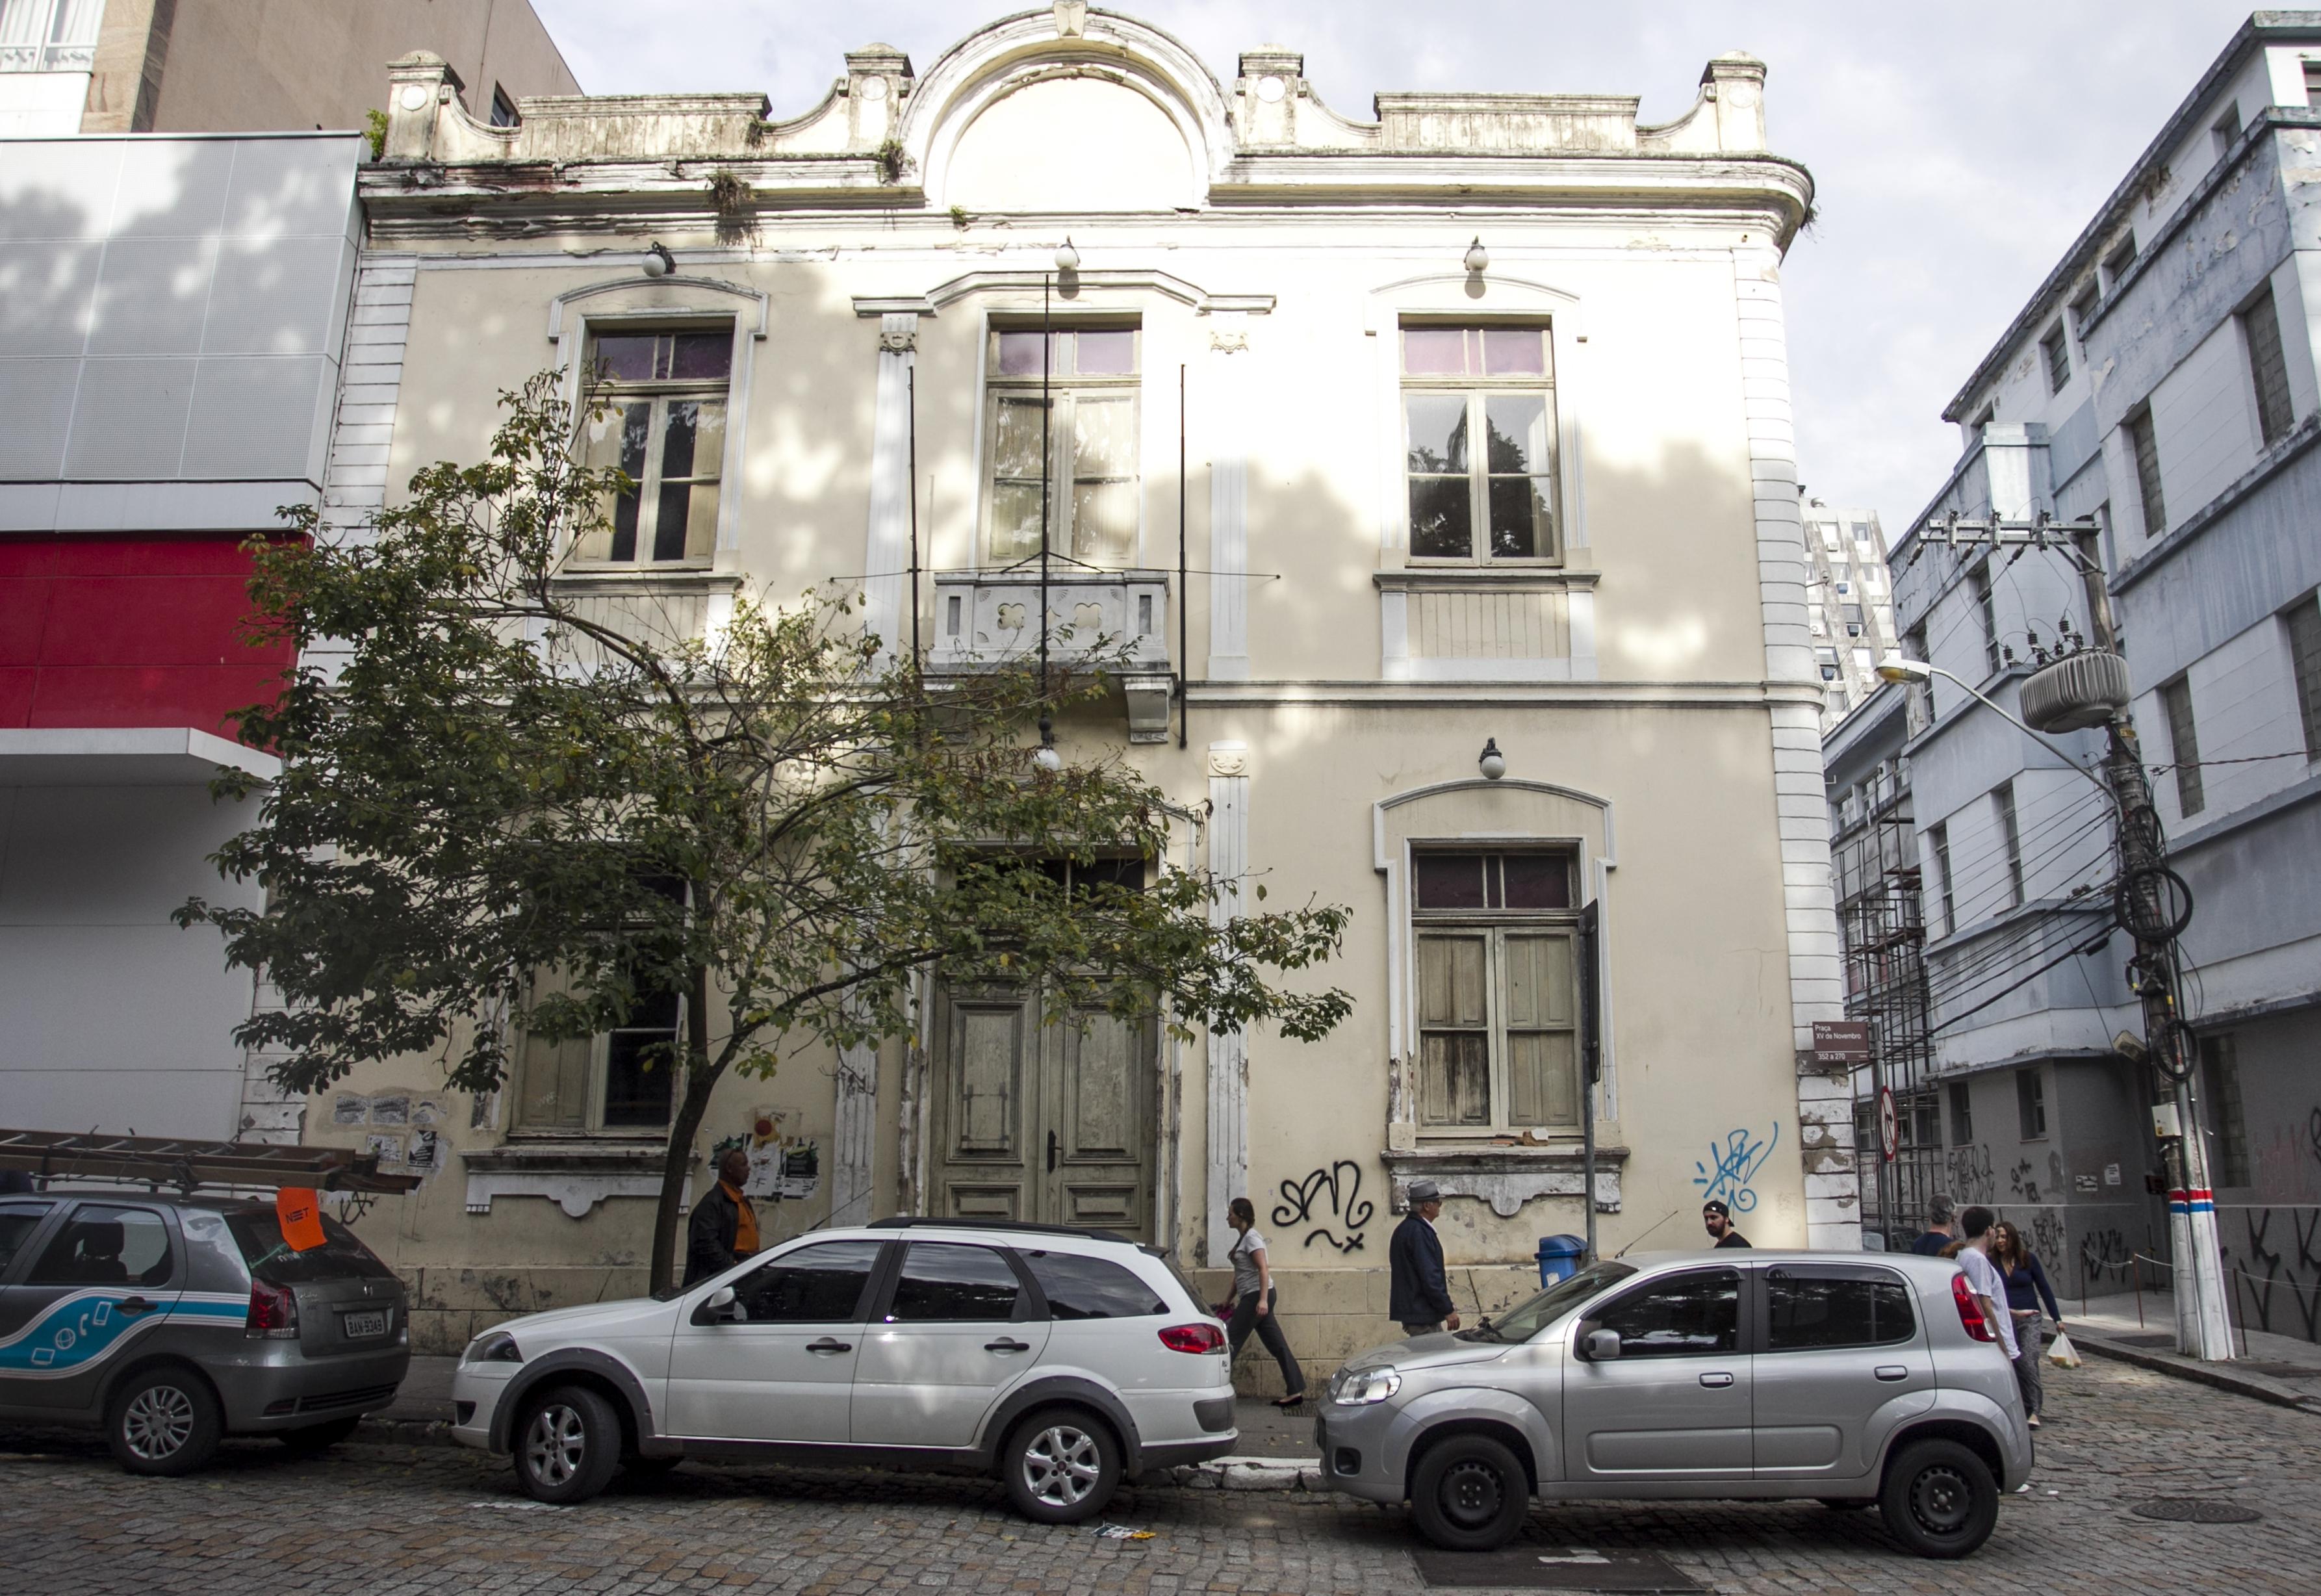 Fechado desde 2012, casarão tombado pelo município está pichado e reboco caindo sobre a calçada - Marco Santiago/ND